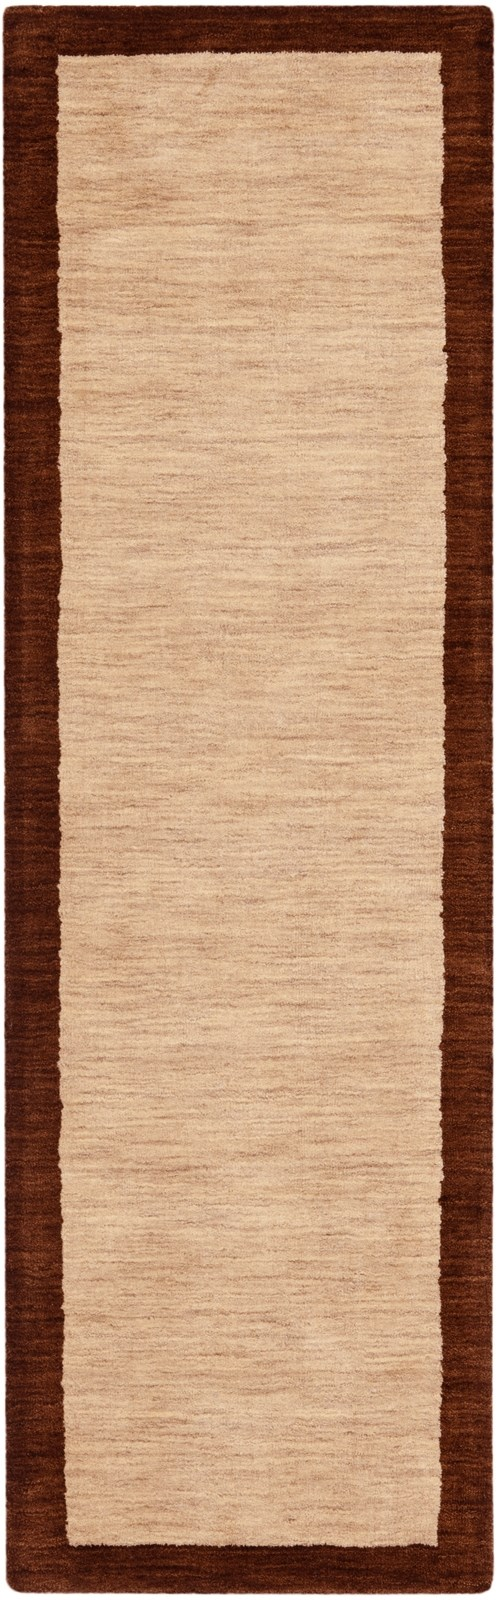 Beige, Dark Brown (A) Bordered Area Rug